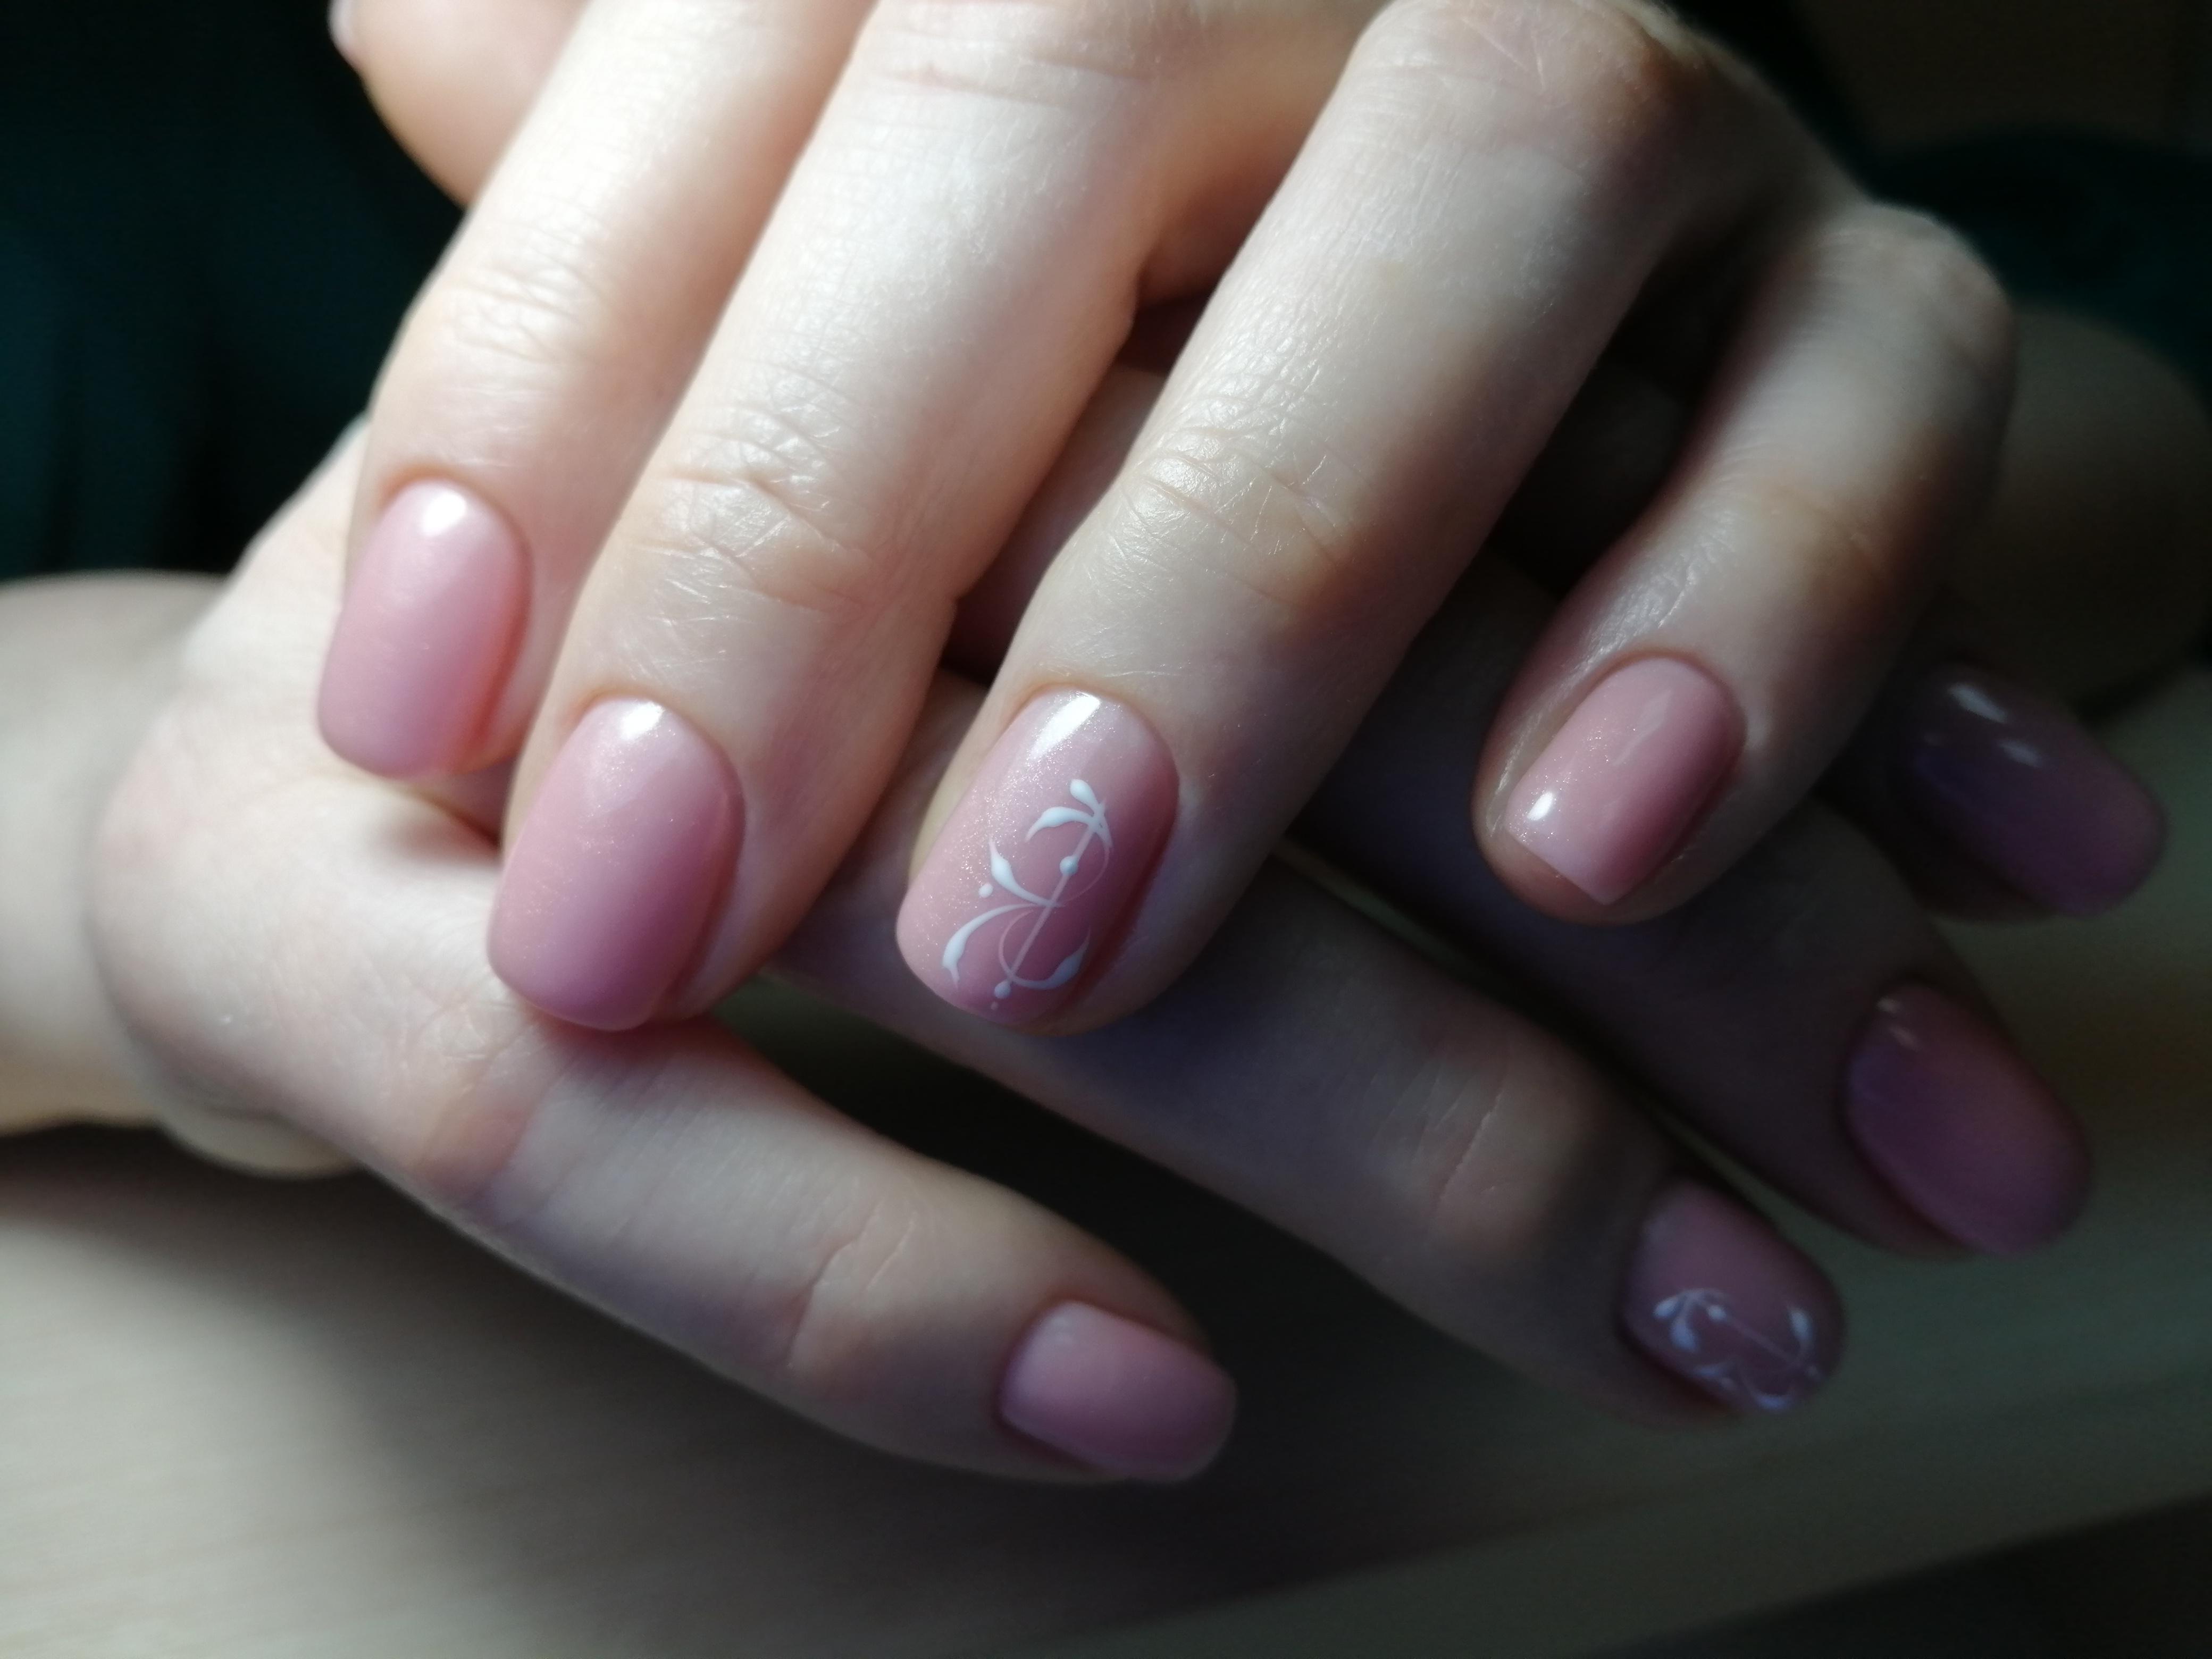 Маникюр с рисунком в розовом цвете.